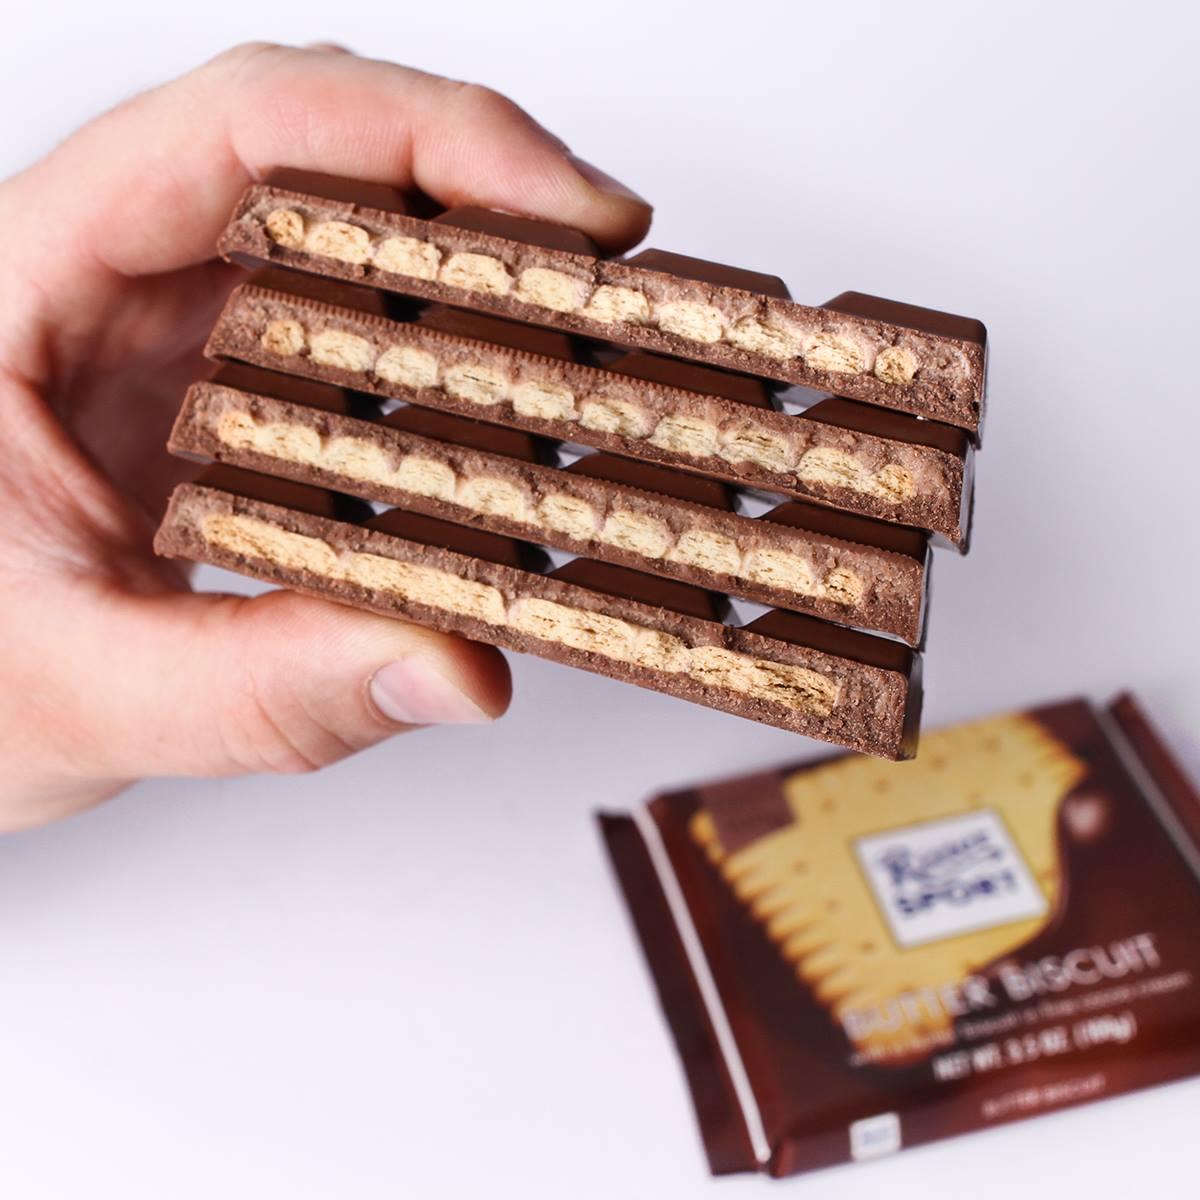 Ritter Sport победил в шоколадной войне с Milka